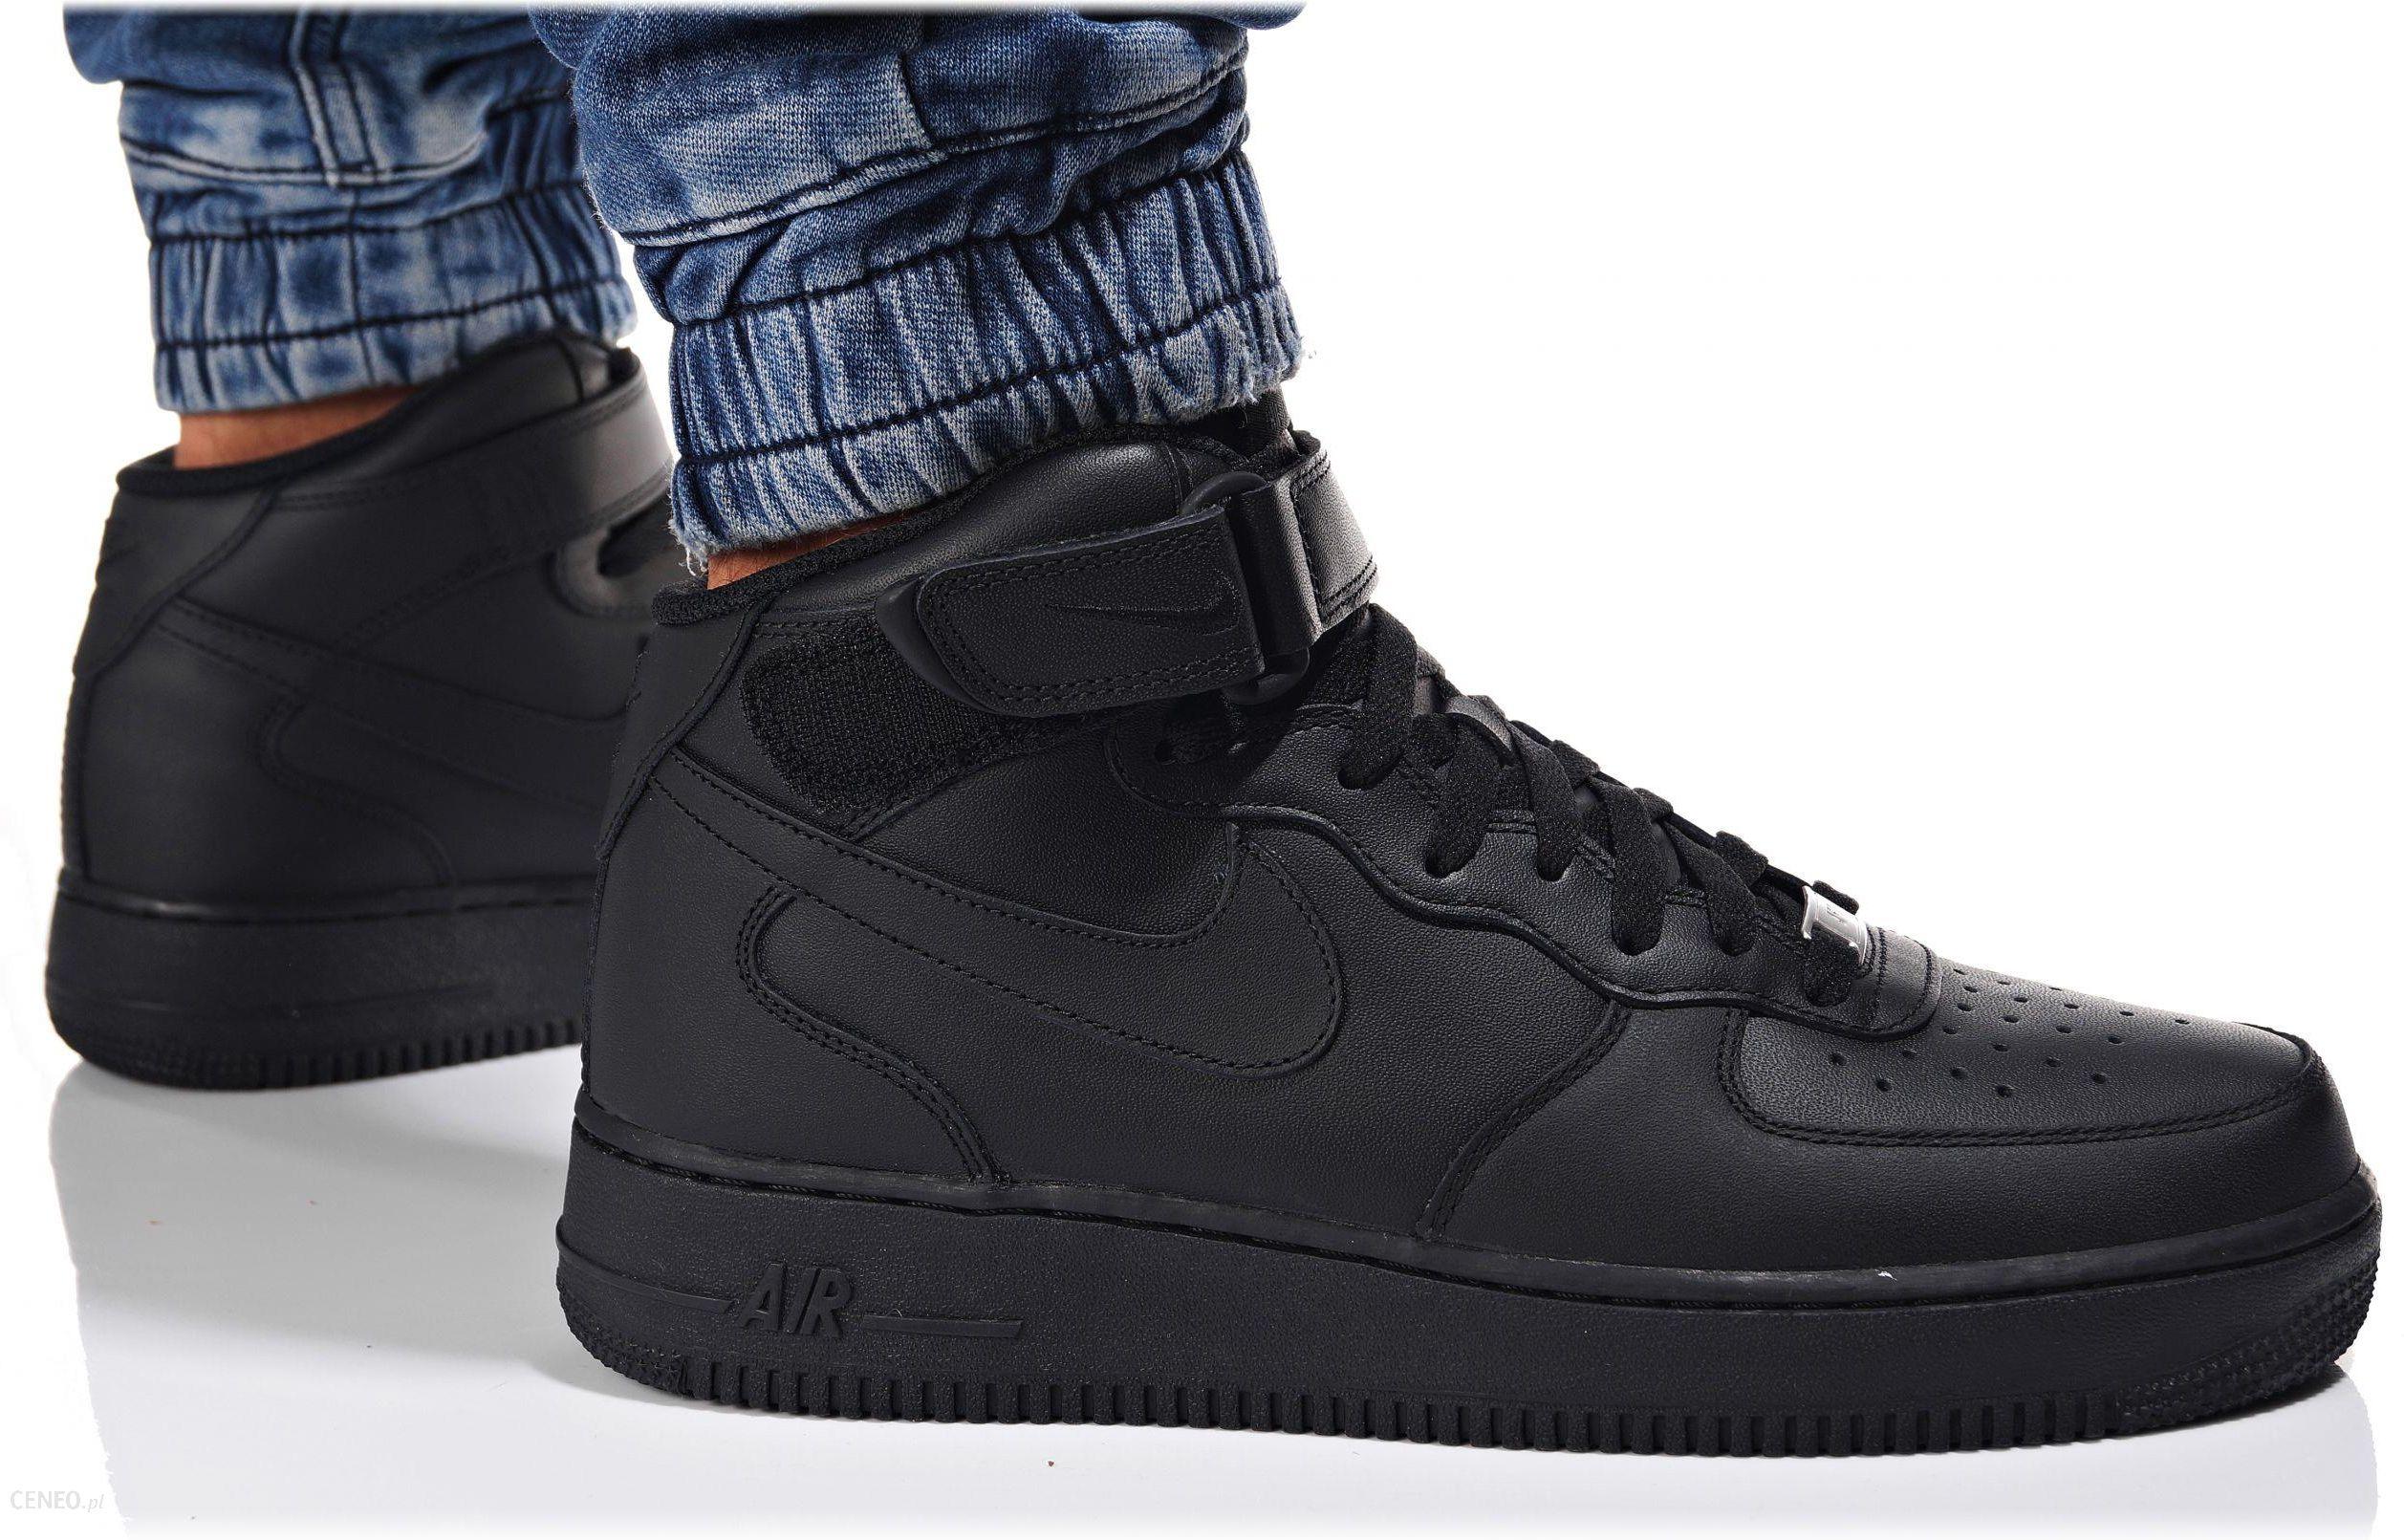 buty nike czarne męskie wysokie